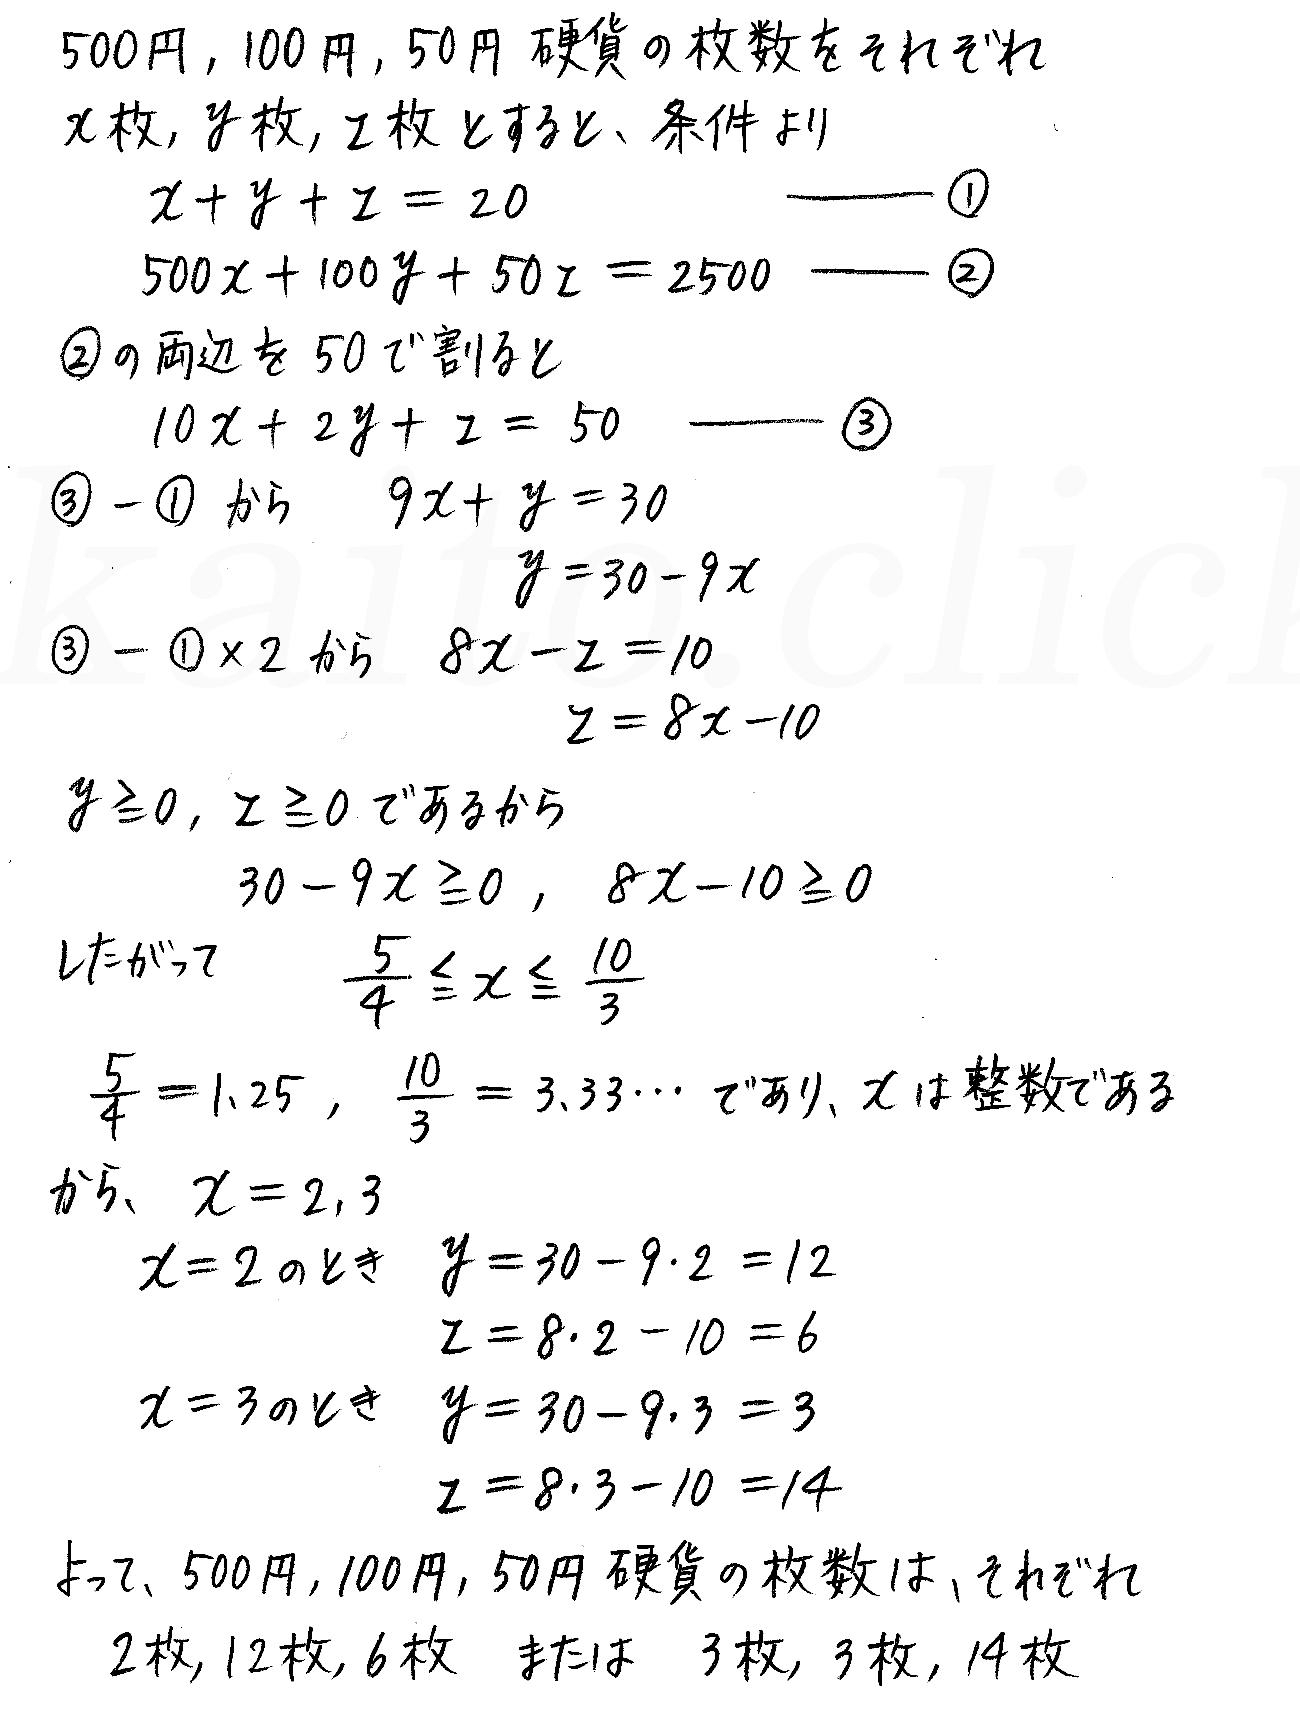 クリアー数学A-284解答